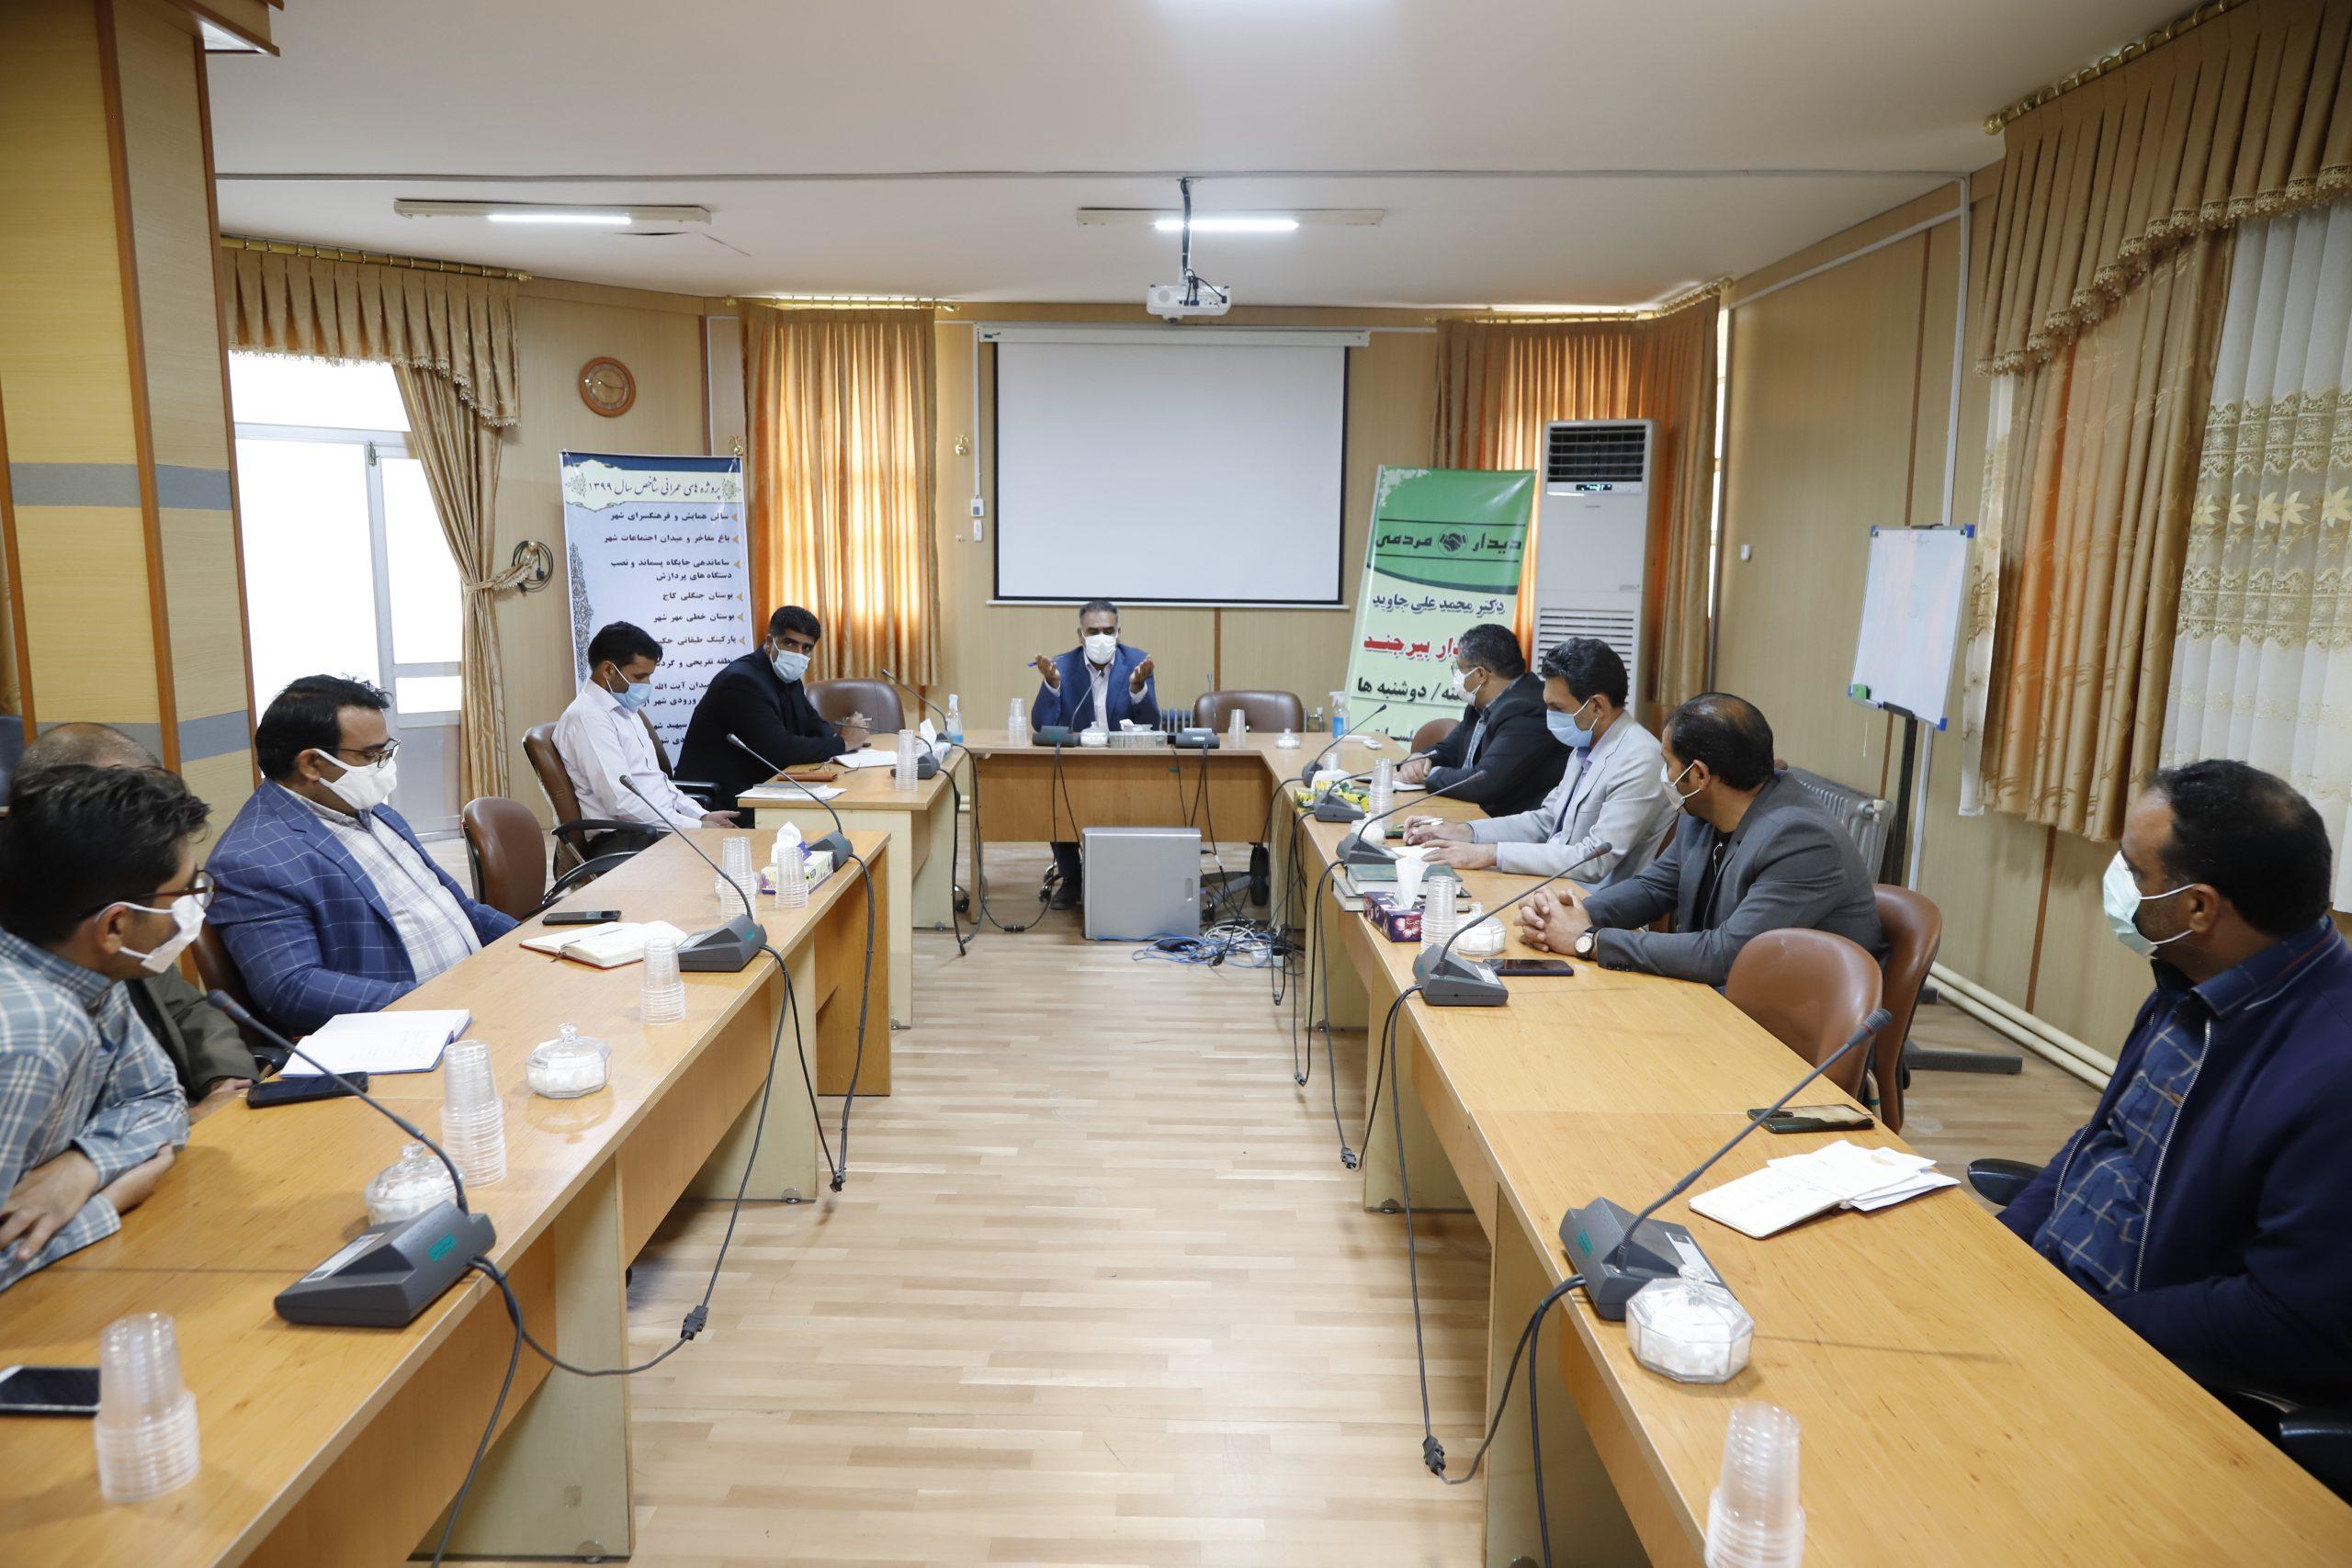 جلسه بررسی روند اجرائی پروژه بوستان جنگلی،پارک انقلاب و توسعه وبهسازی آرامگاه حکیم نزاری